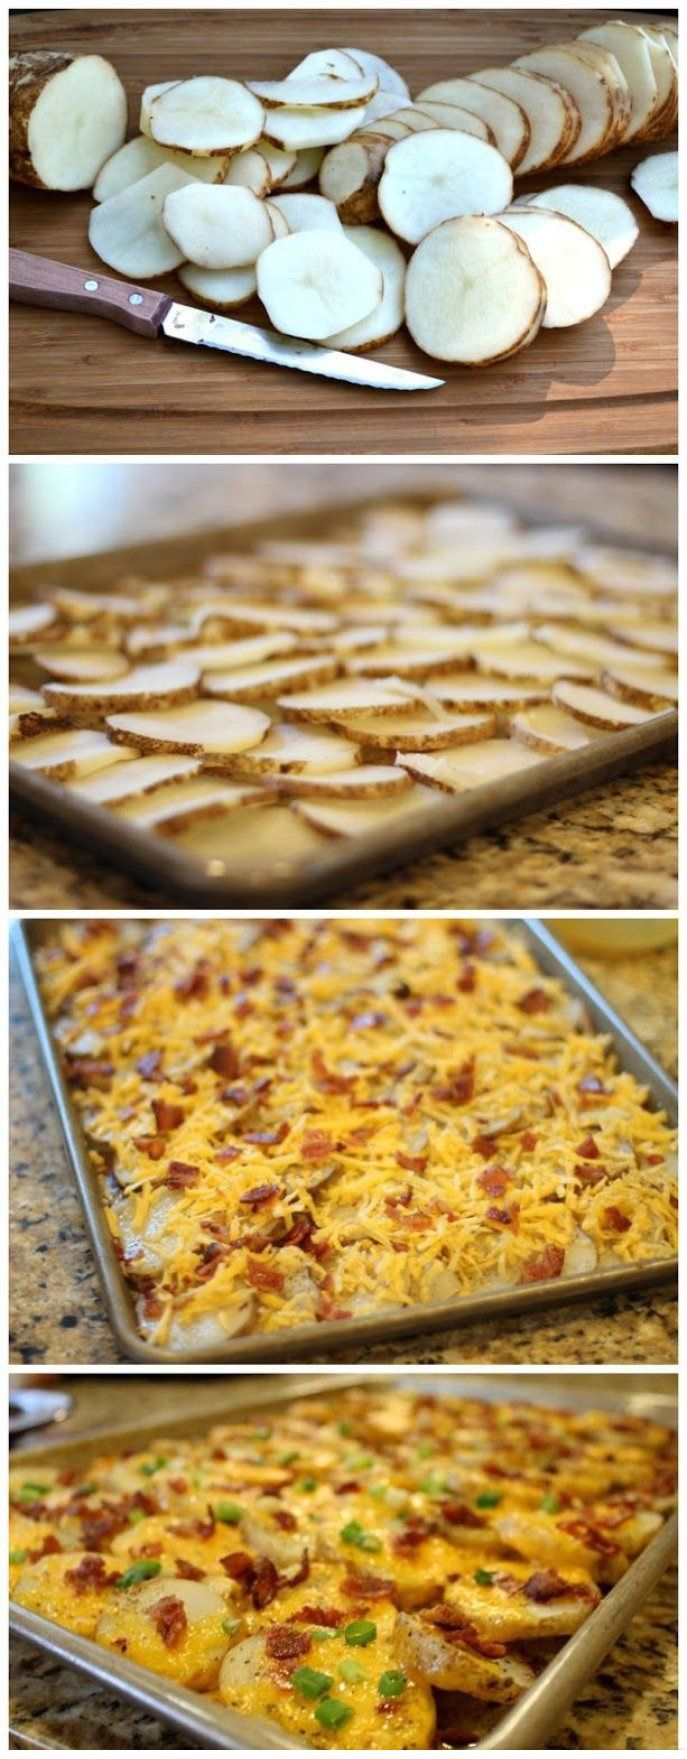 Ziemniaki+do+drugiego+dania+nie+muszą+być+nudne+-+Zobacz+jak+je+urozmaicić!!!